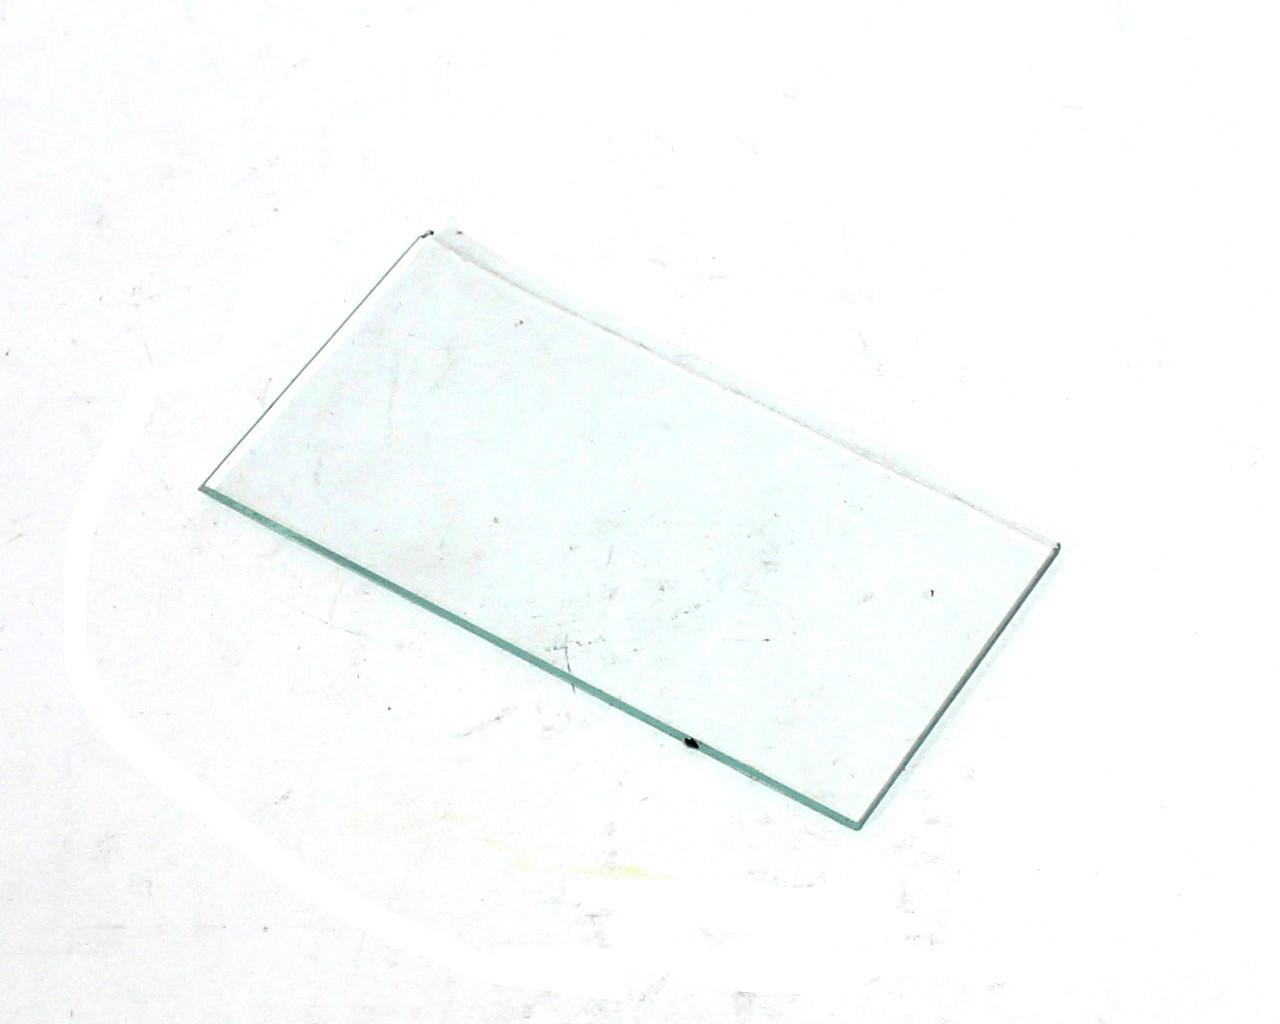 Стекло защитное прозрачное 52/102 мм толщина 2 мм